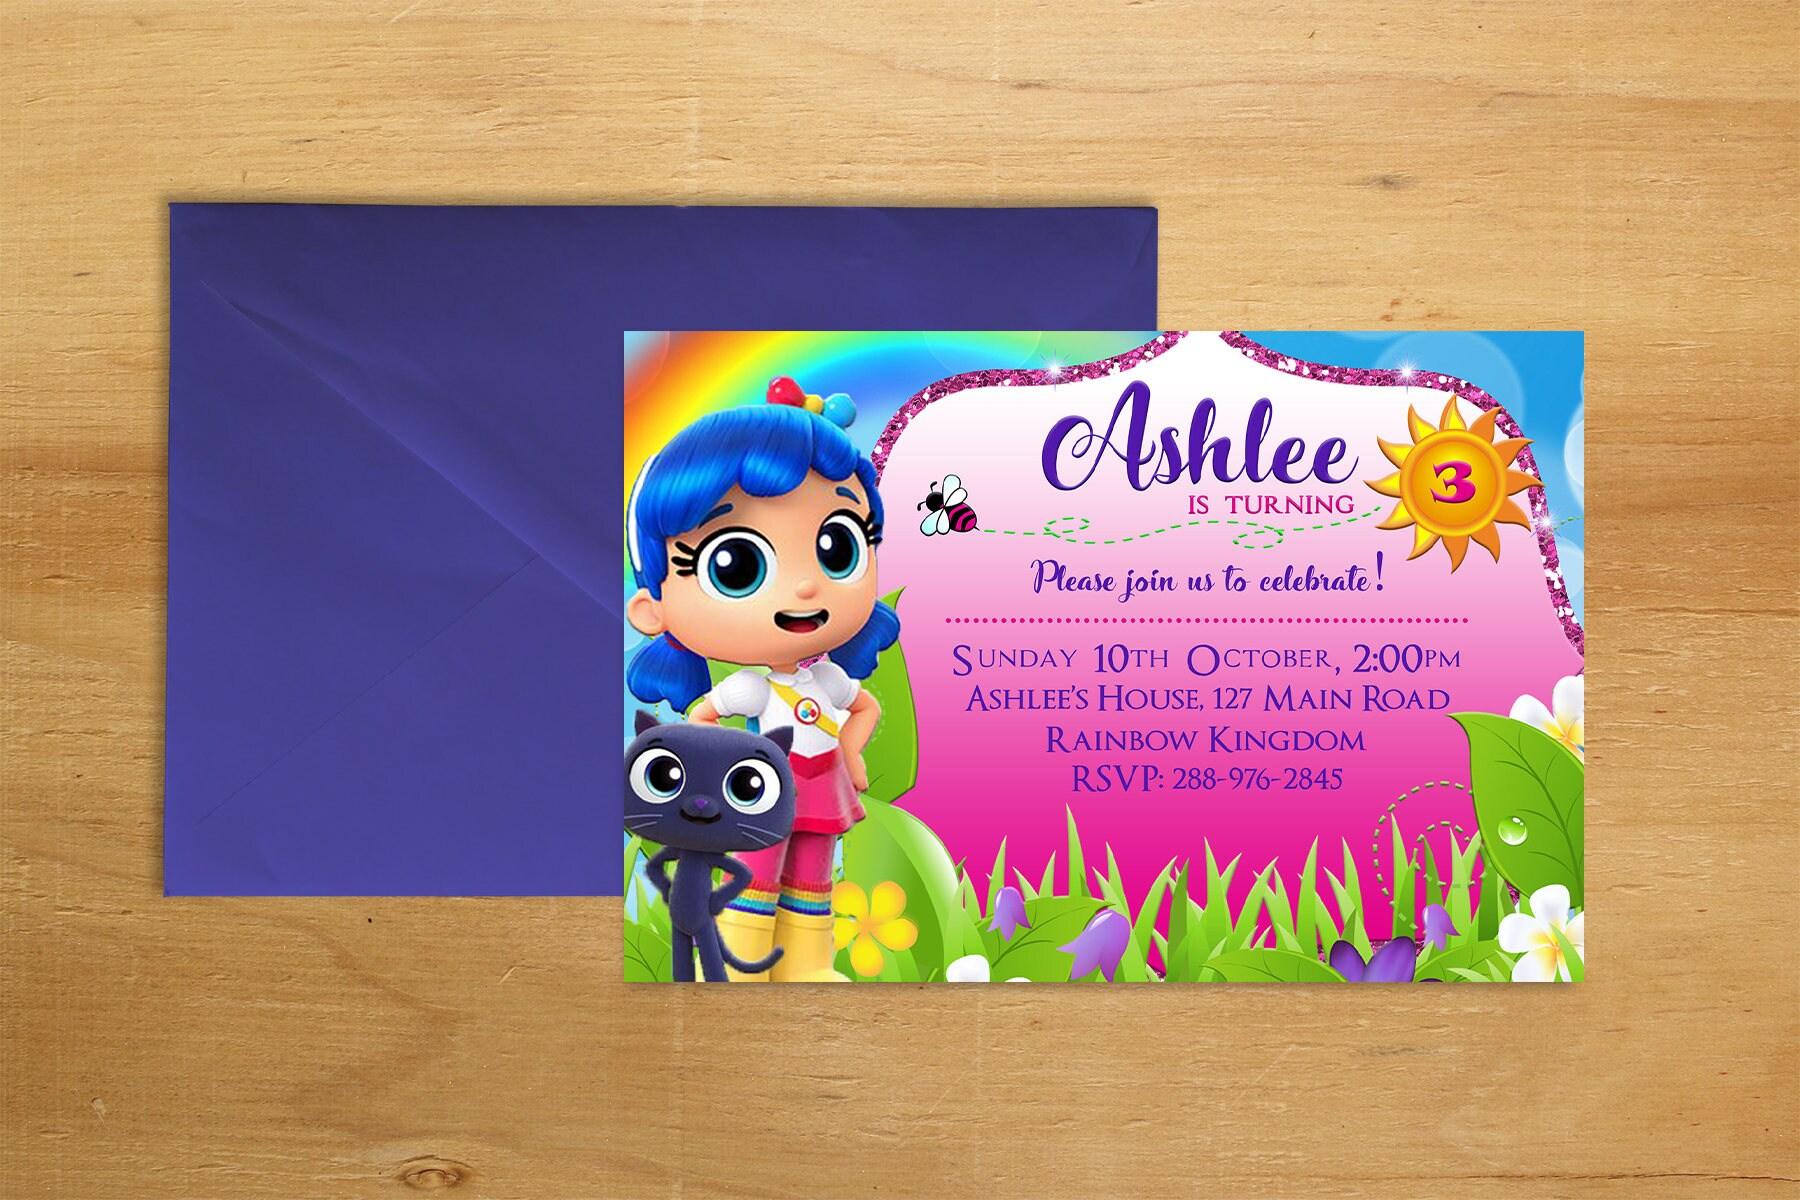 Printable Rainbow Birthday Invitations ~ True and the rainbow kingdom birthday invitation digital printable